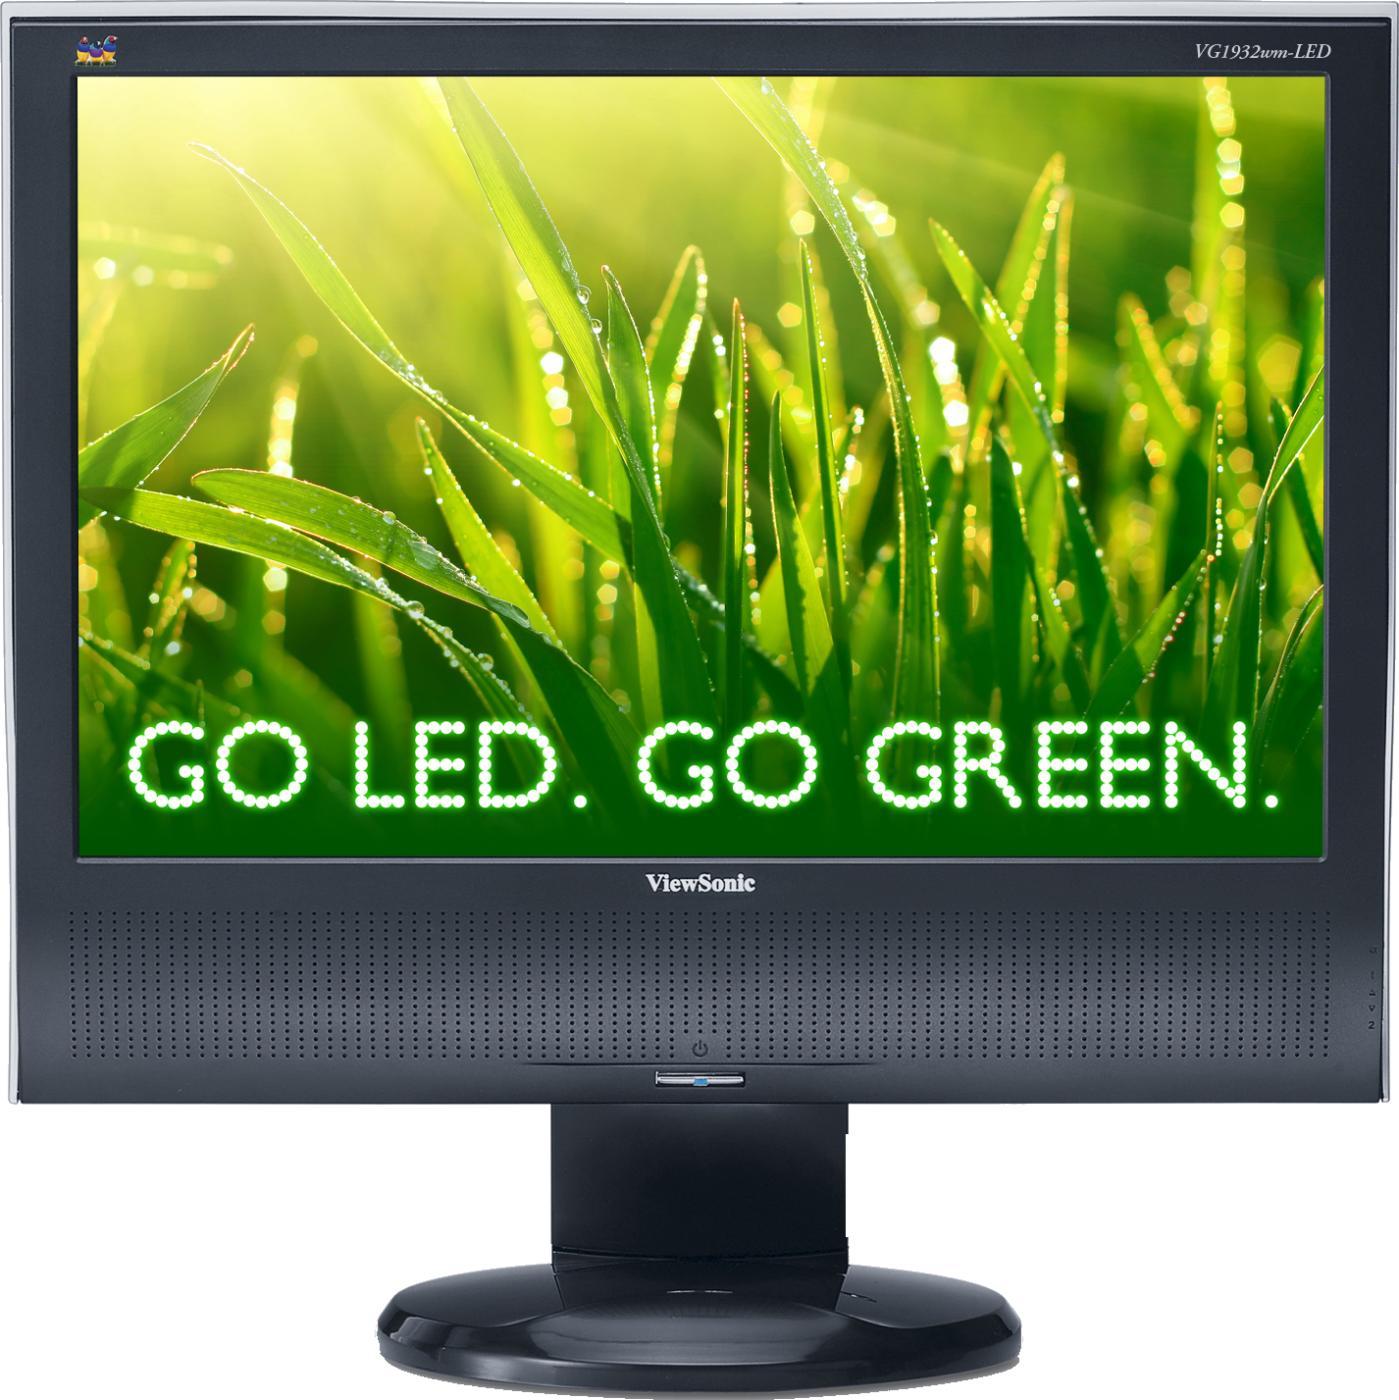 ViewSonic VG932m-LED